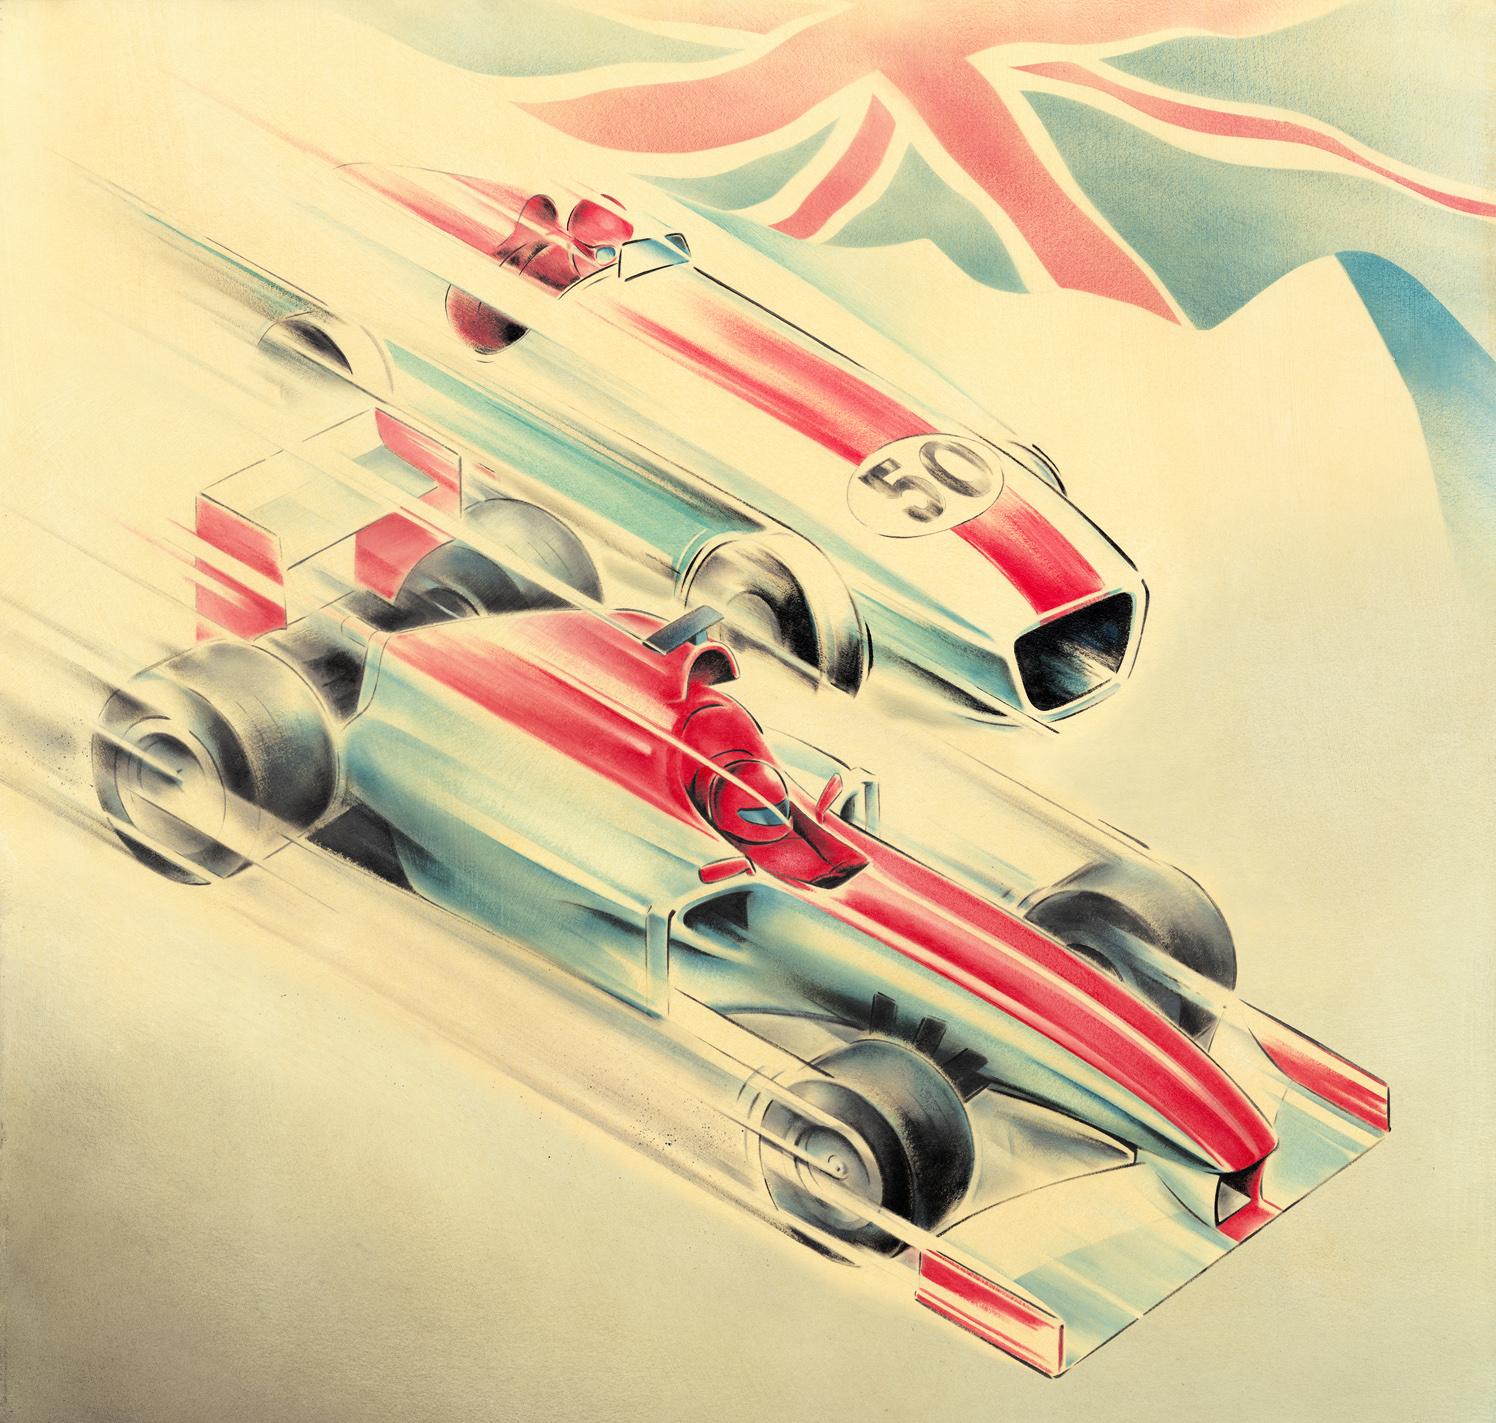 F1 Grand Prix At Silverstone